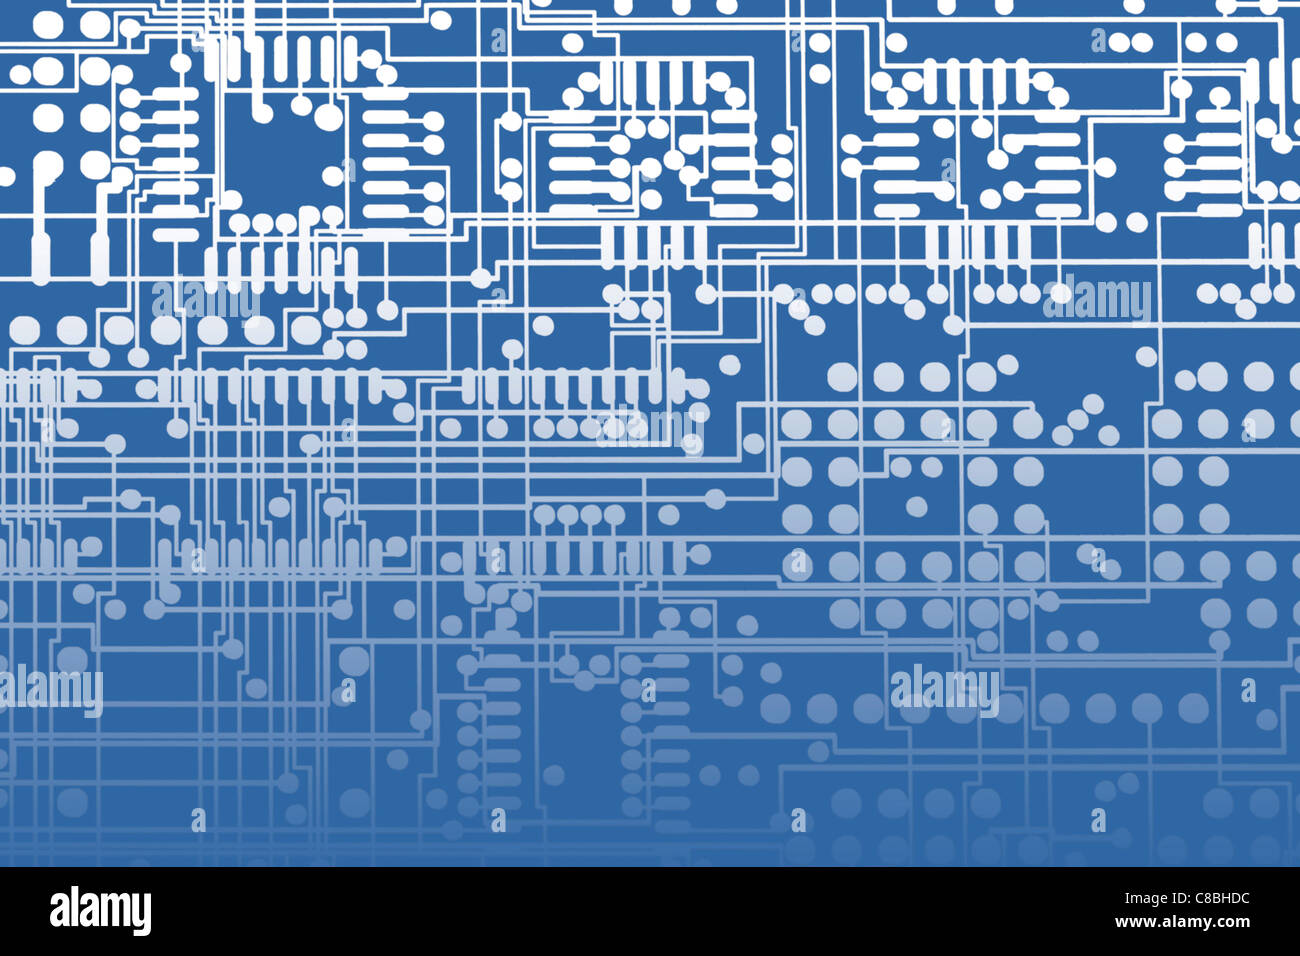 Ottimizzazione digitale - due strati sovrapposti di pellicola sul layout della scheda di circuito stampato multistrato Immagini Stock